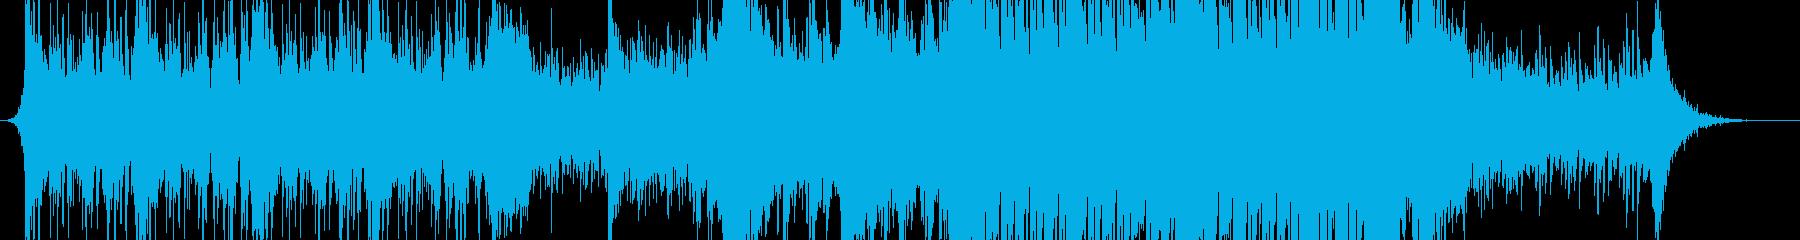 ストリングス主体の壮大なシネマティックの再生済みの波形